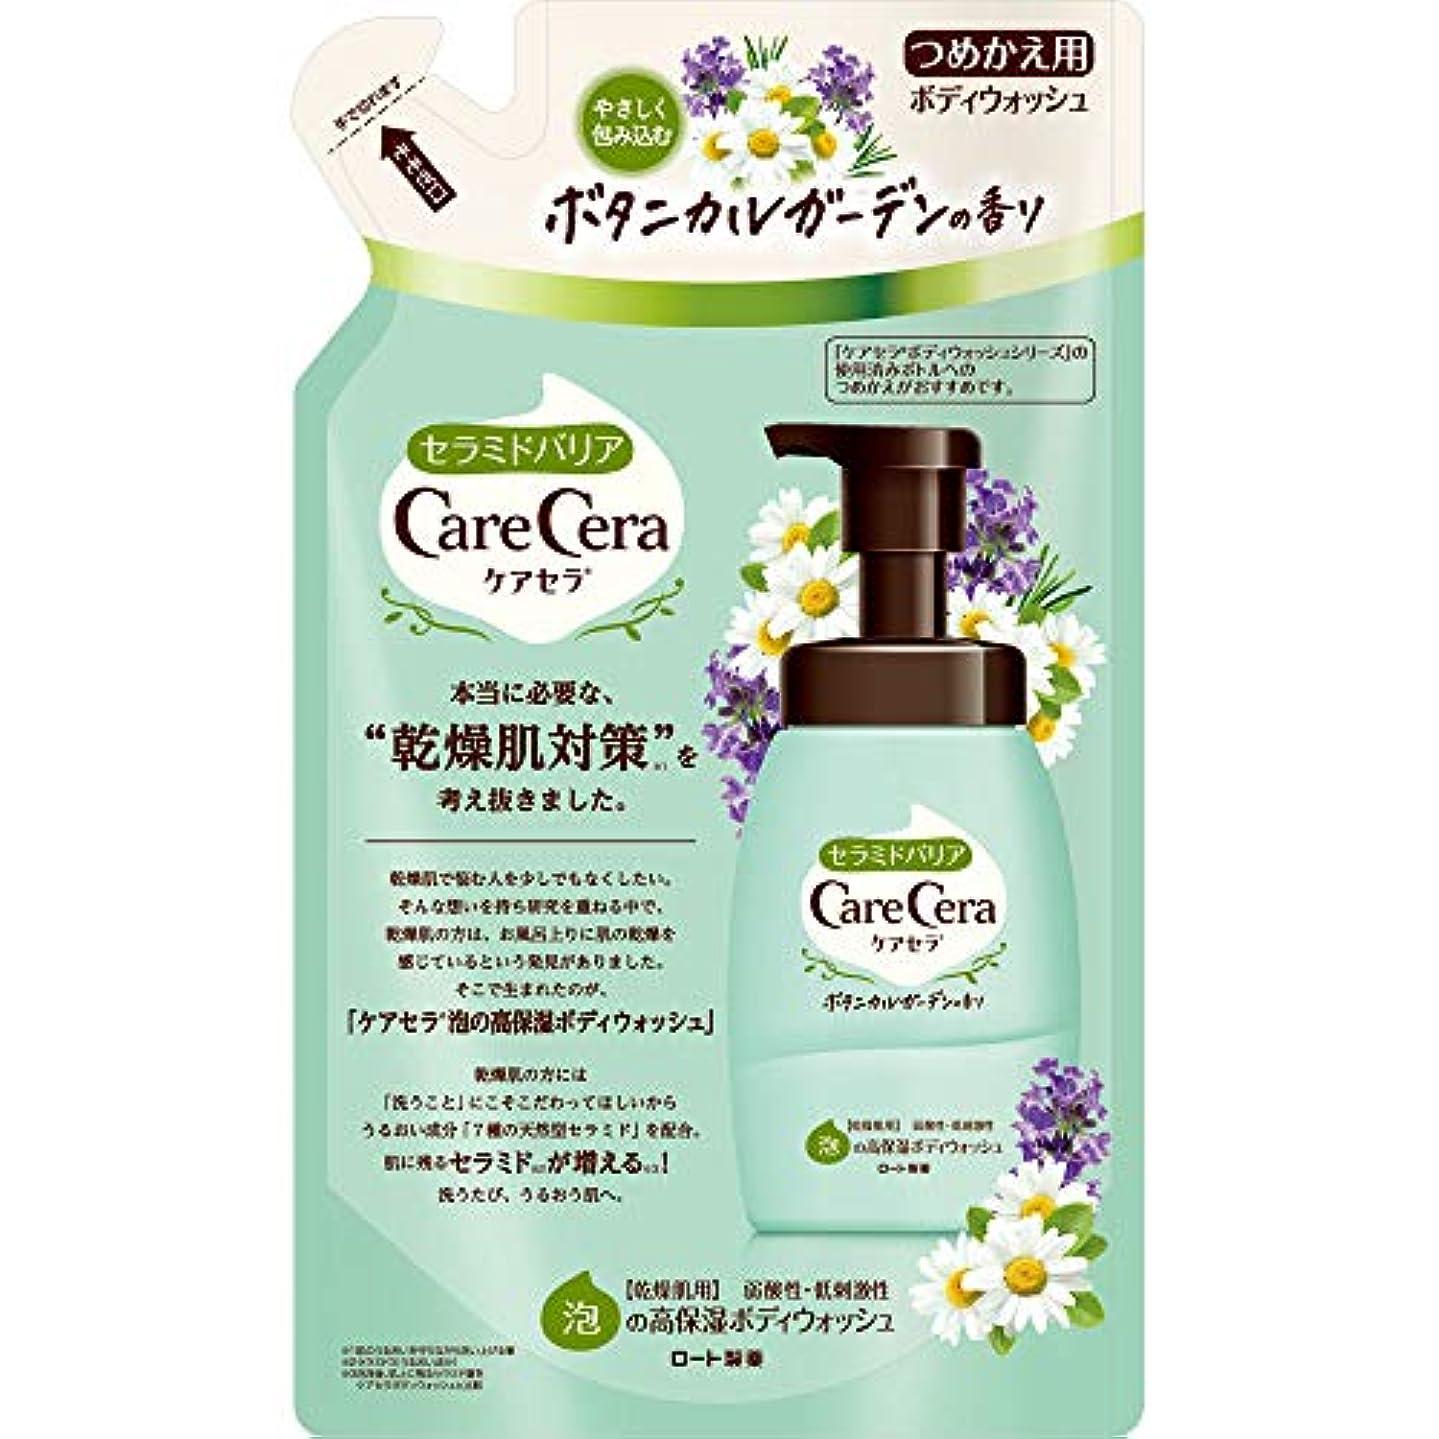 印象派会う予測ケアセラ 7種の天然型セラミド配合 泡の高保湿全身ボディウォッシュ ボタニカルガーデンの香り つめかえ用 350mL